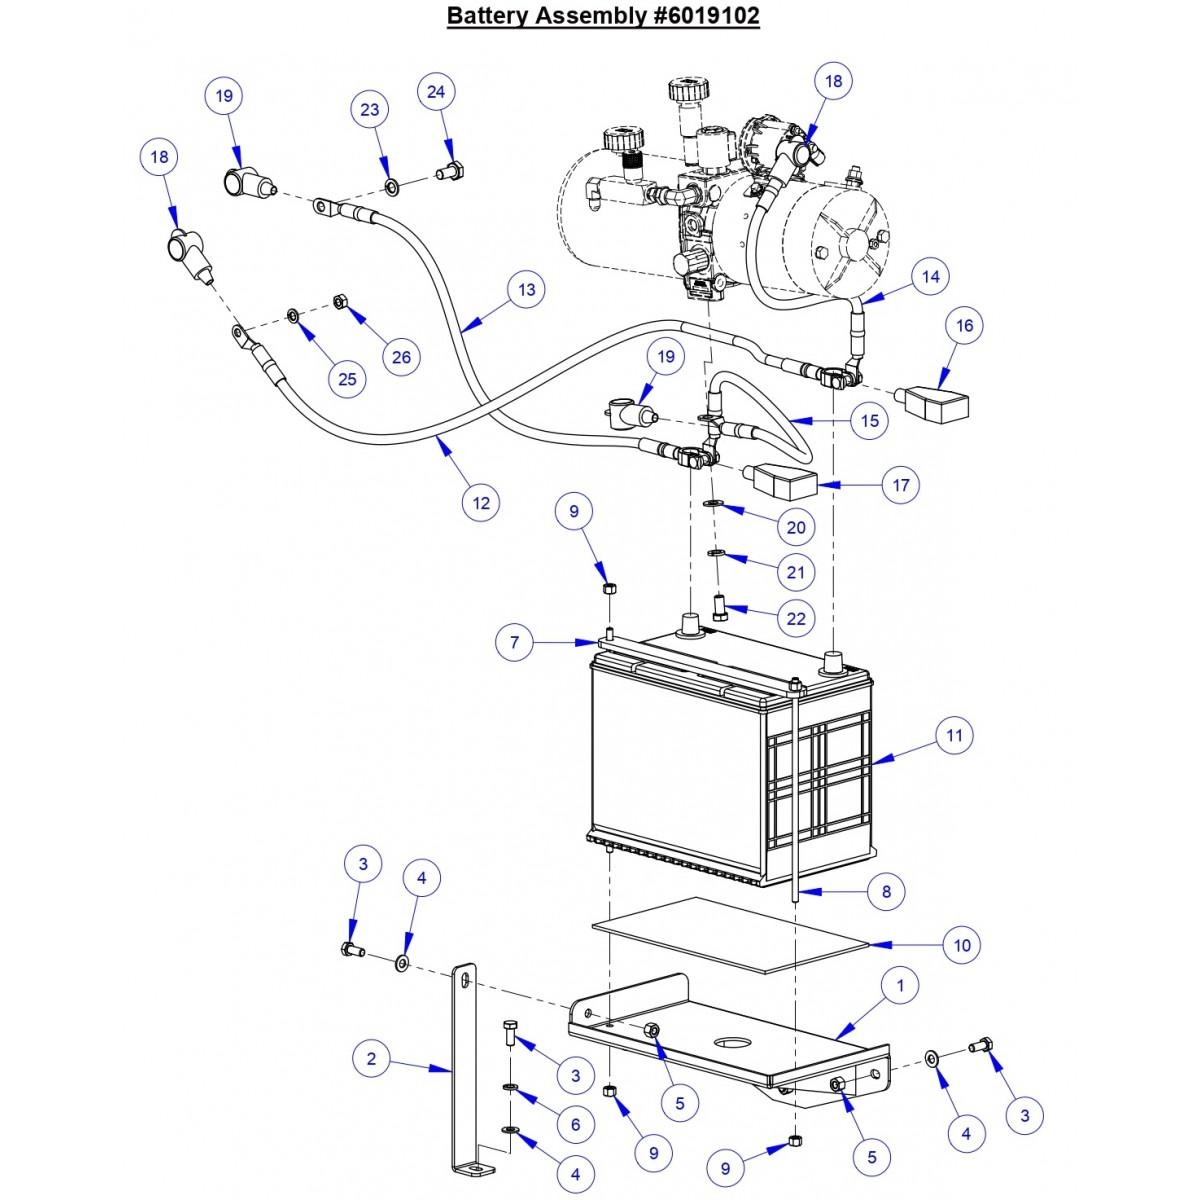 CC6571 Battery Assembly